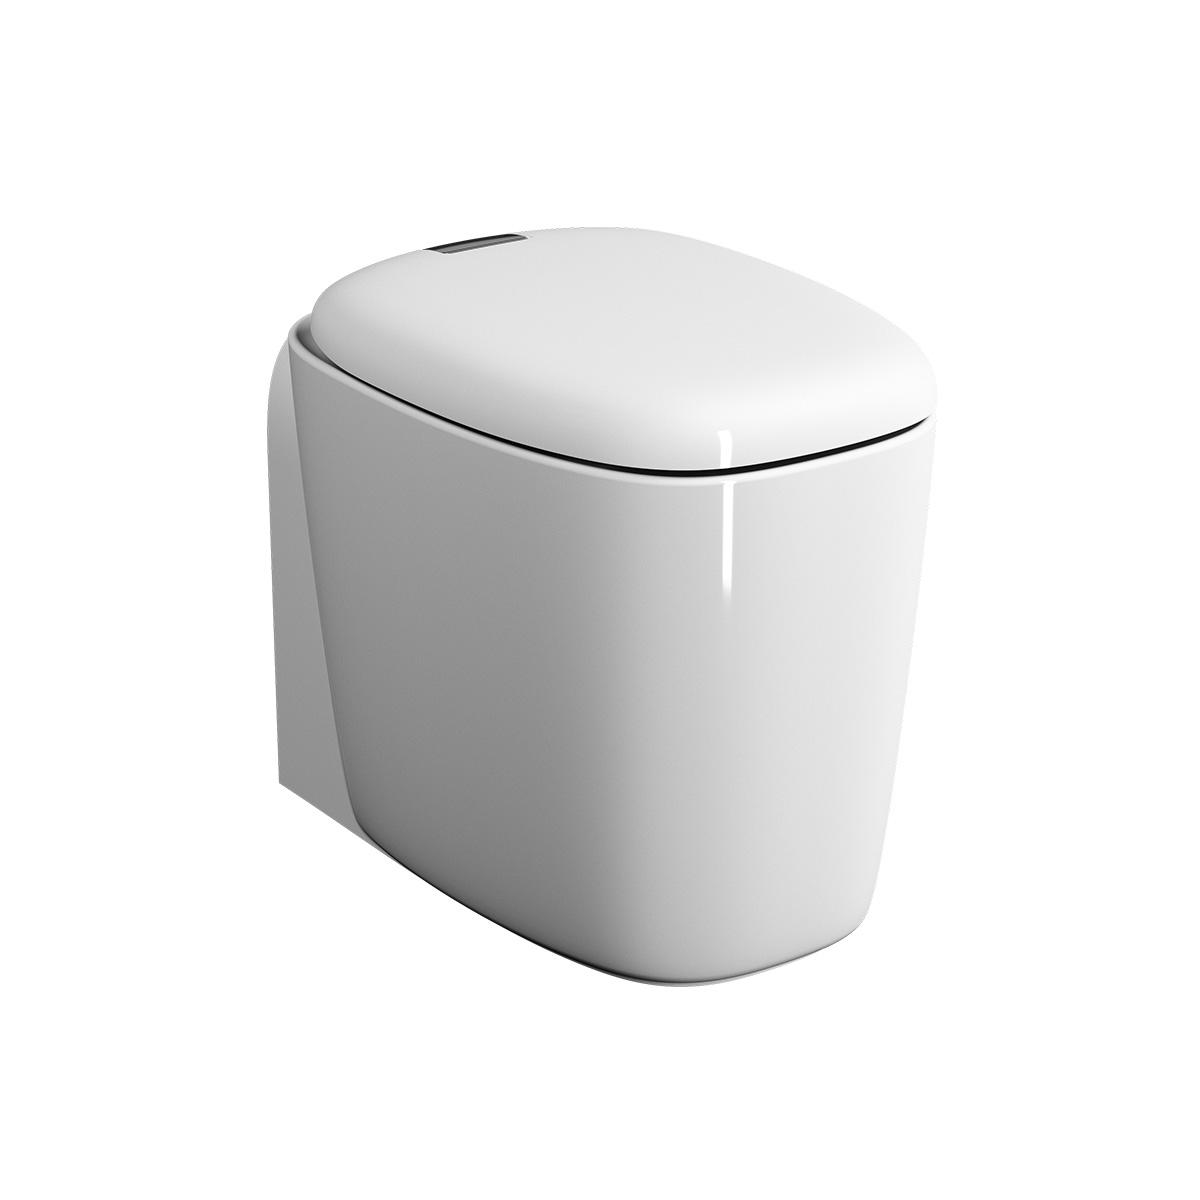 Plural WC BTW sans bride, fonction bidet, 55 cm, VC, blanc